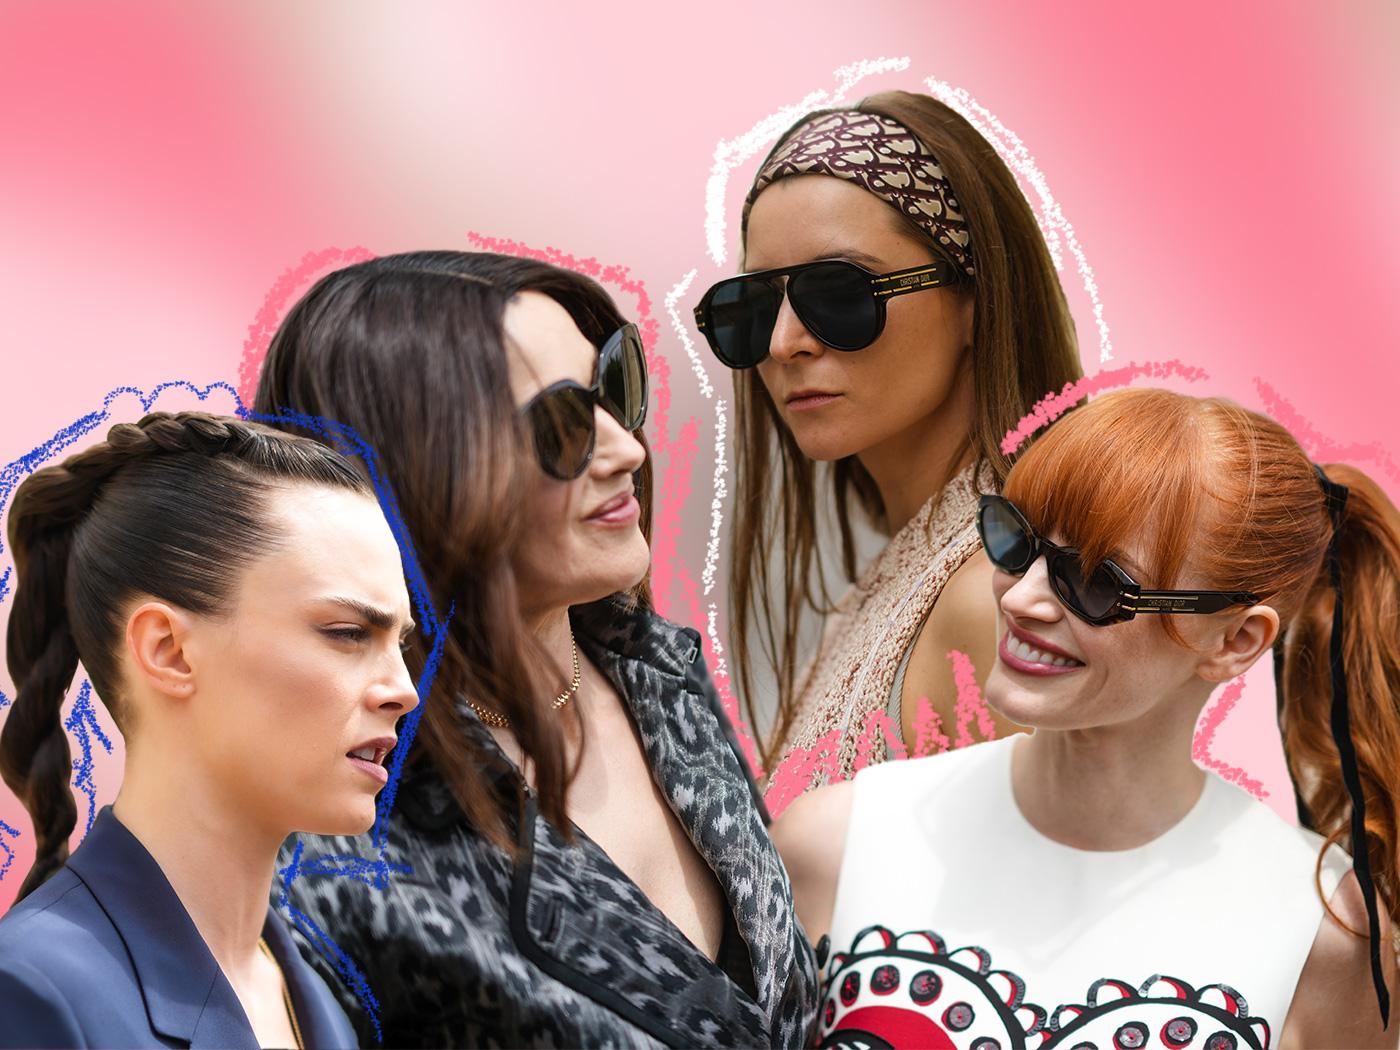 Τα ωραιότερα χτενίσματα που είδαμε από τις καλεσμένες στο couture show του Dior! Πάρε ιδέες!